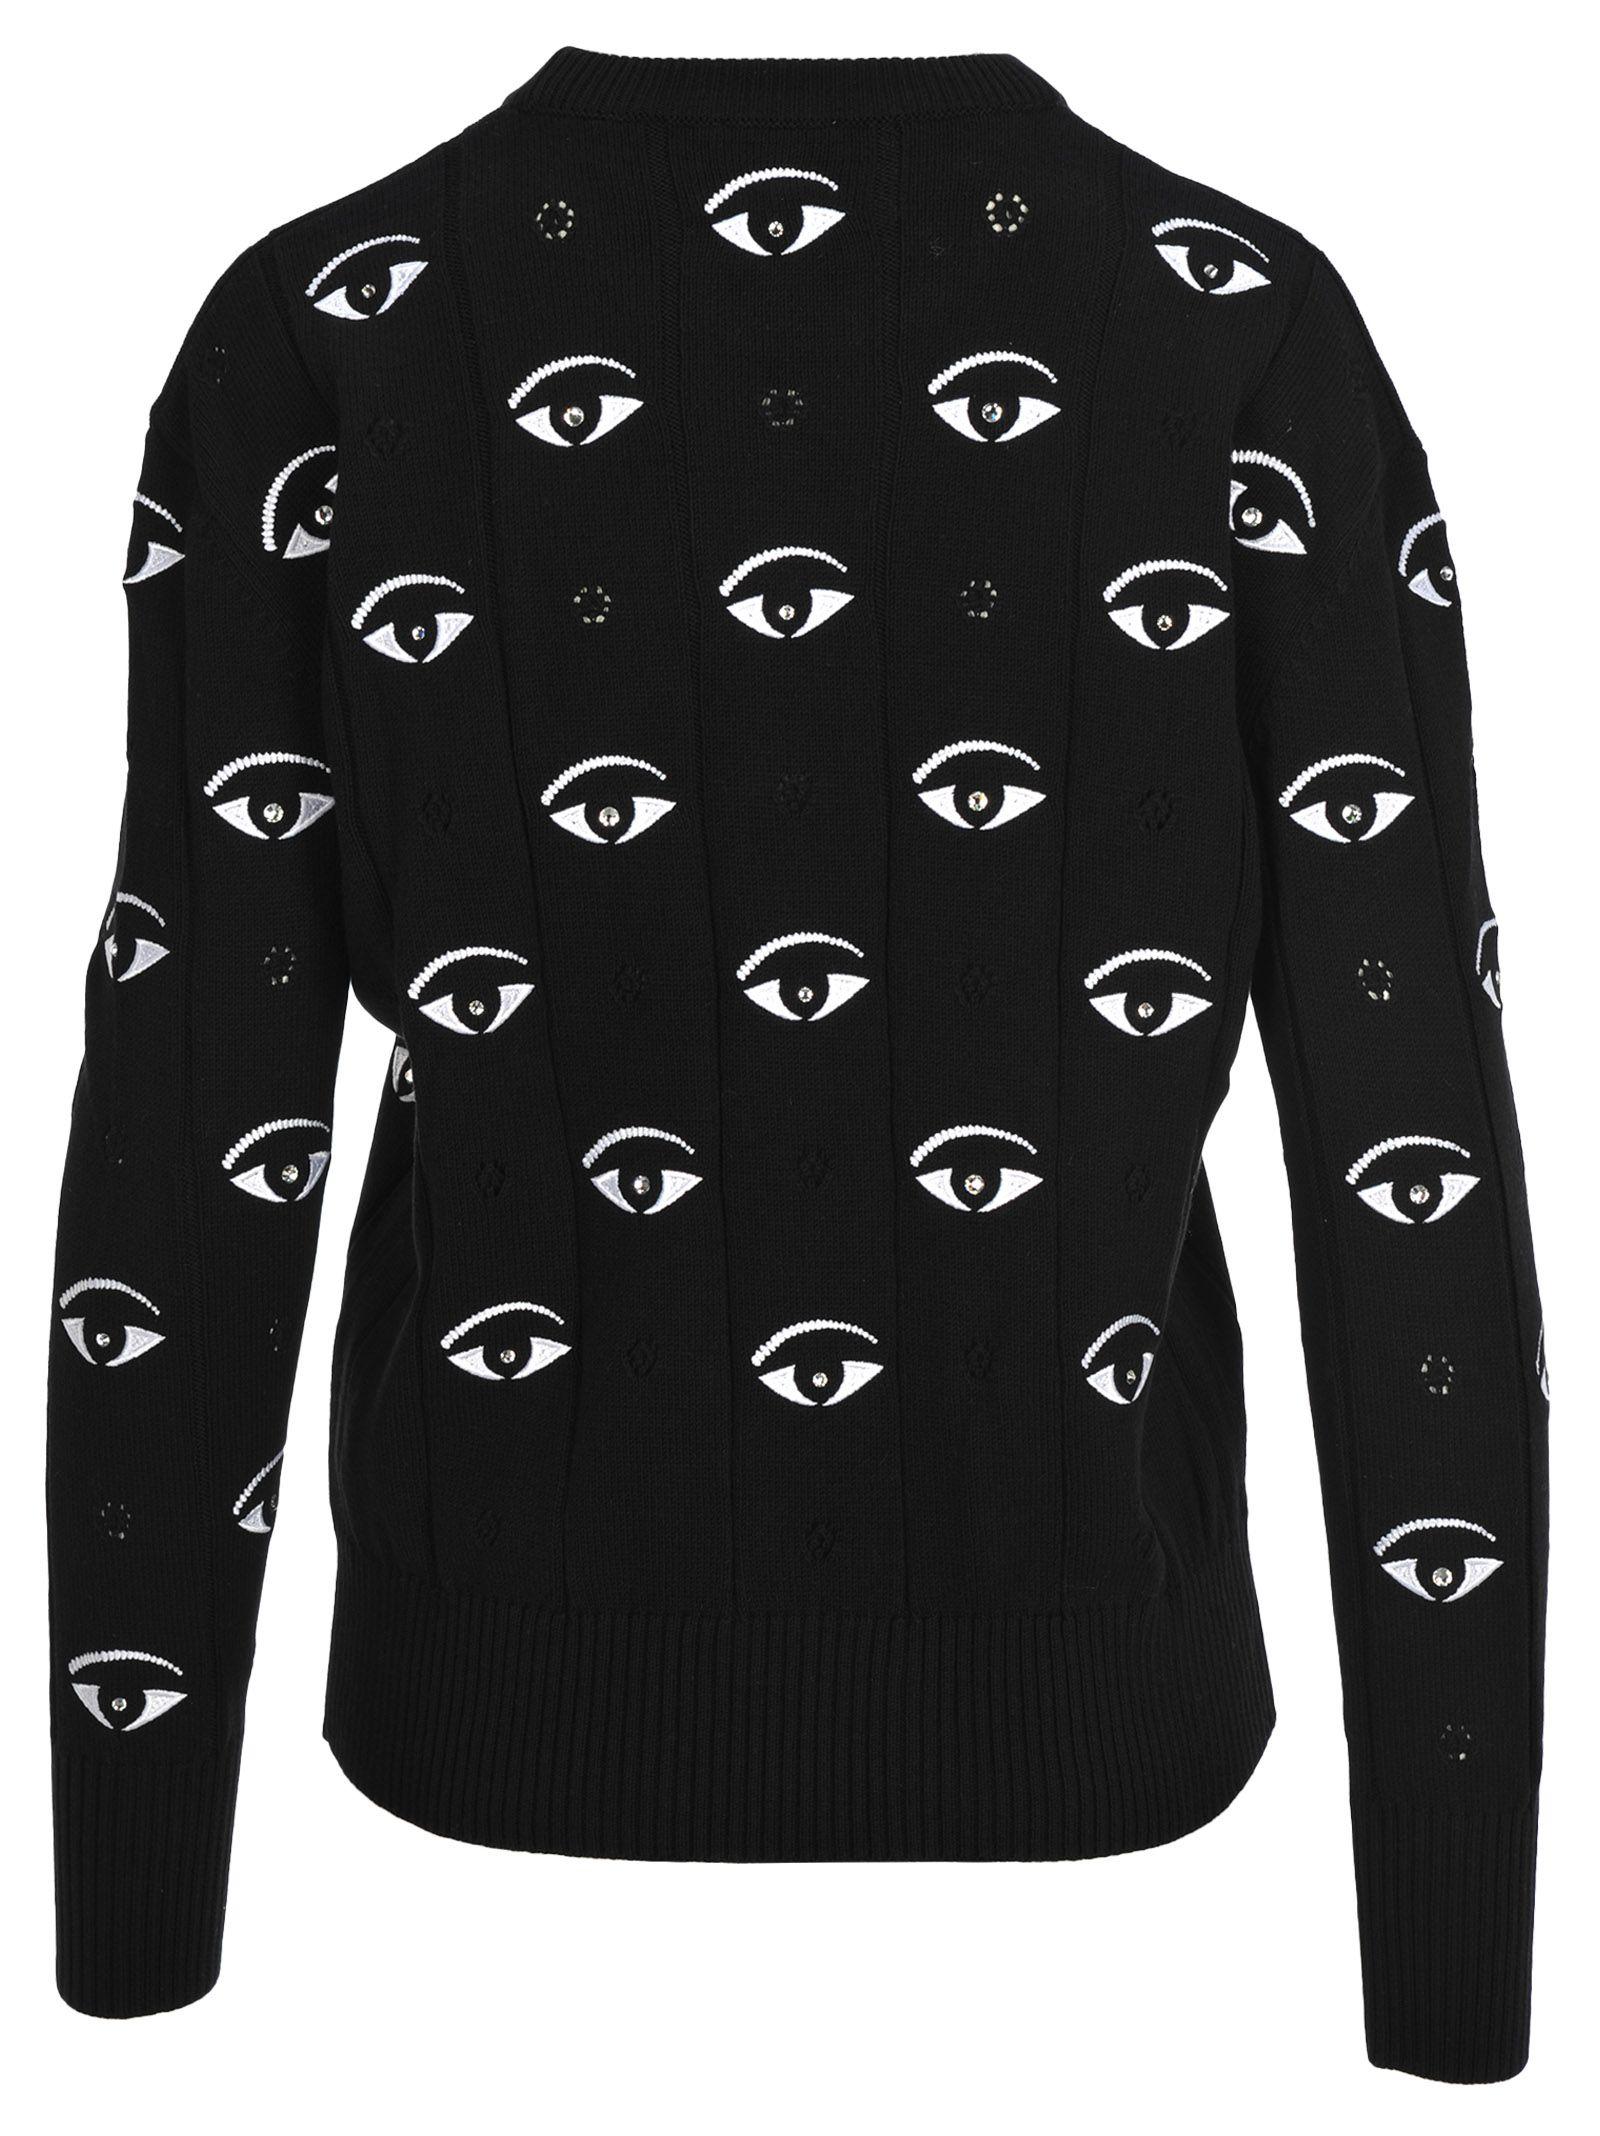 f35c21613 Kenzo Kenzo Kenzo Multi-eye Embroidered Jumper - BLACK - 10875489 ...